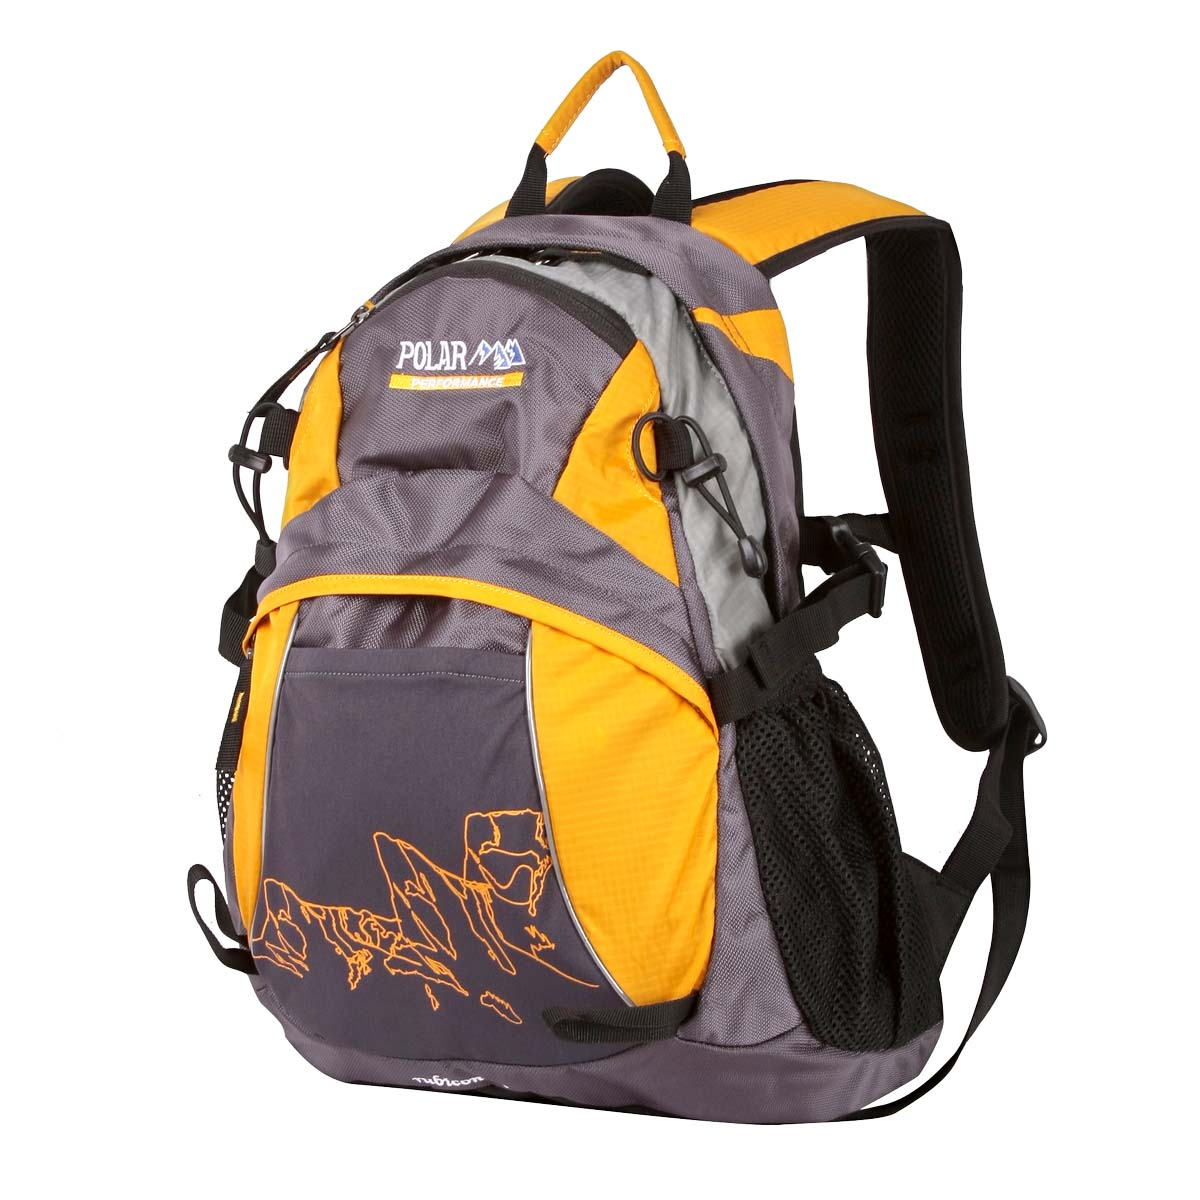 Рюкзак городской Polar, 21,5 л, цвет: желтый. П1563-03 рюкзак городской polar 21 л цвет синий п955 04